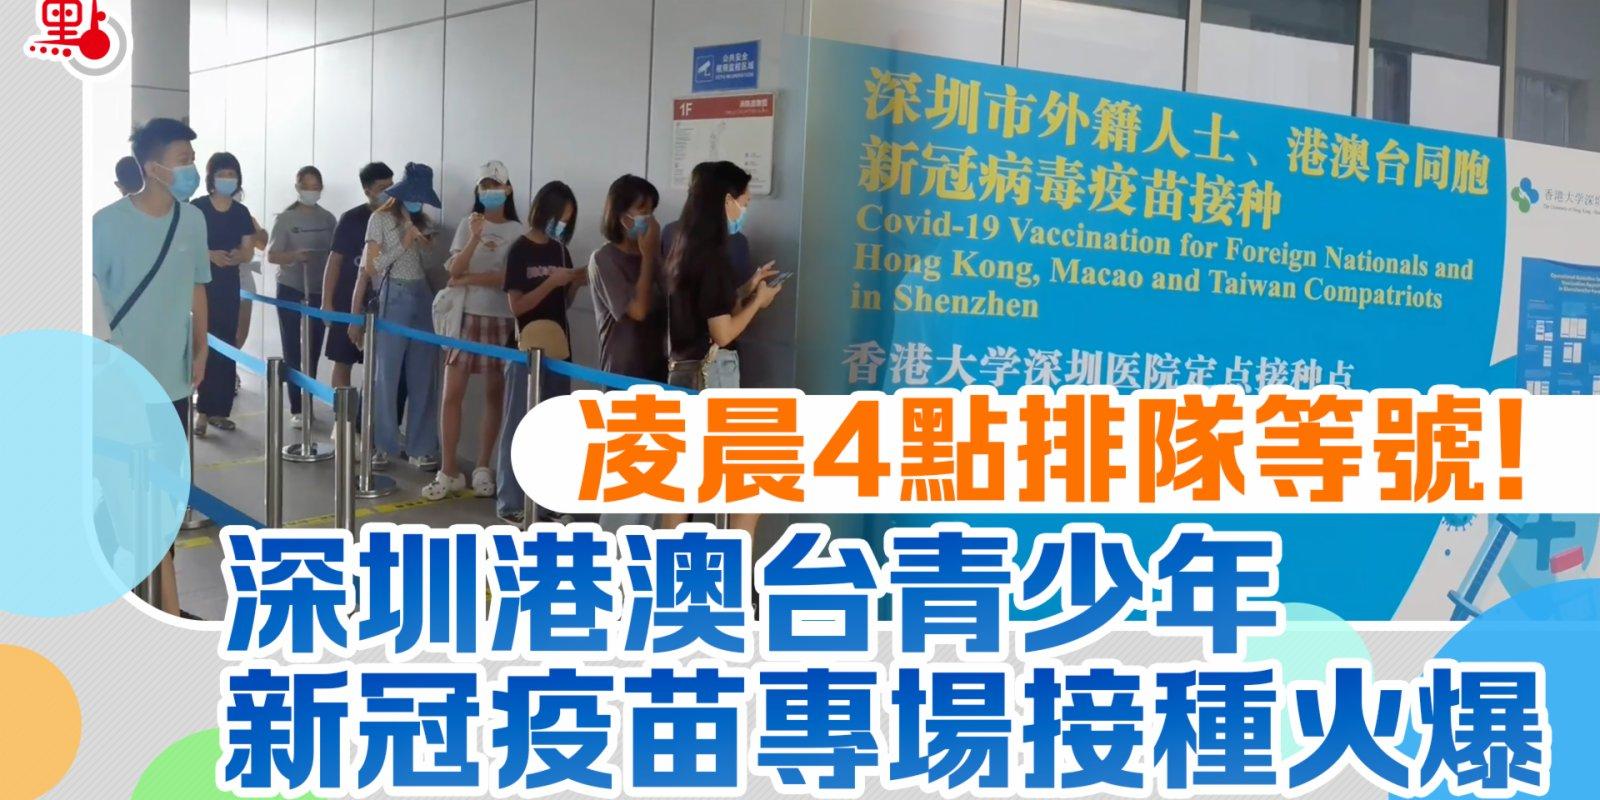 凌晨4點排隊等號! 深圳港澳台青少年新冠疫苗專場接種火爆